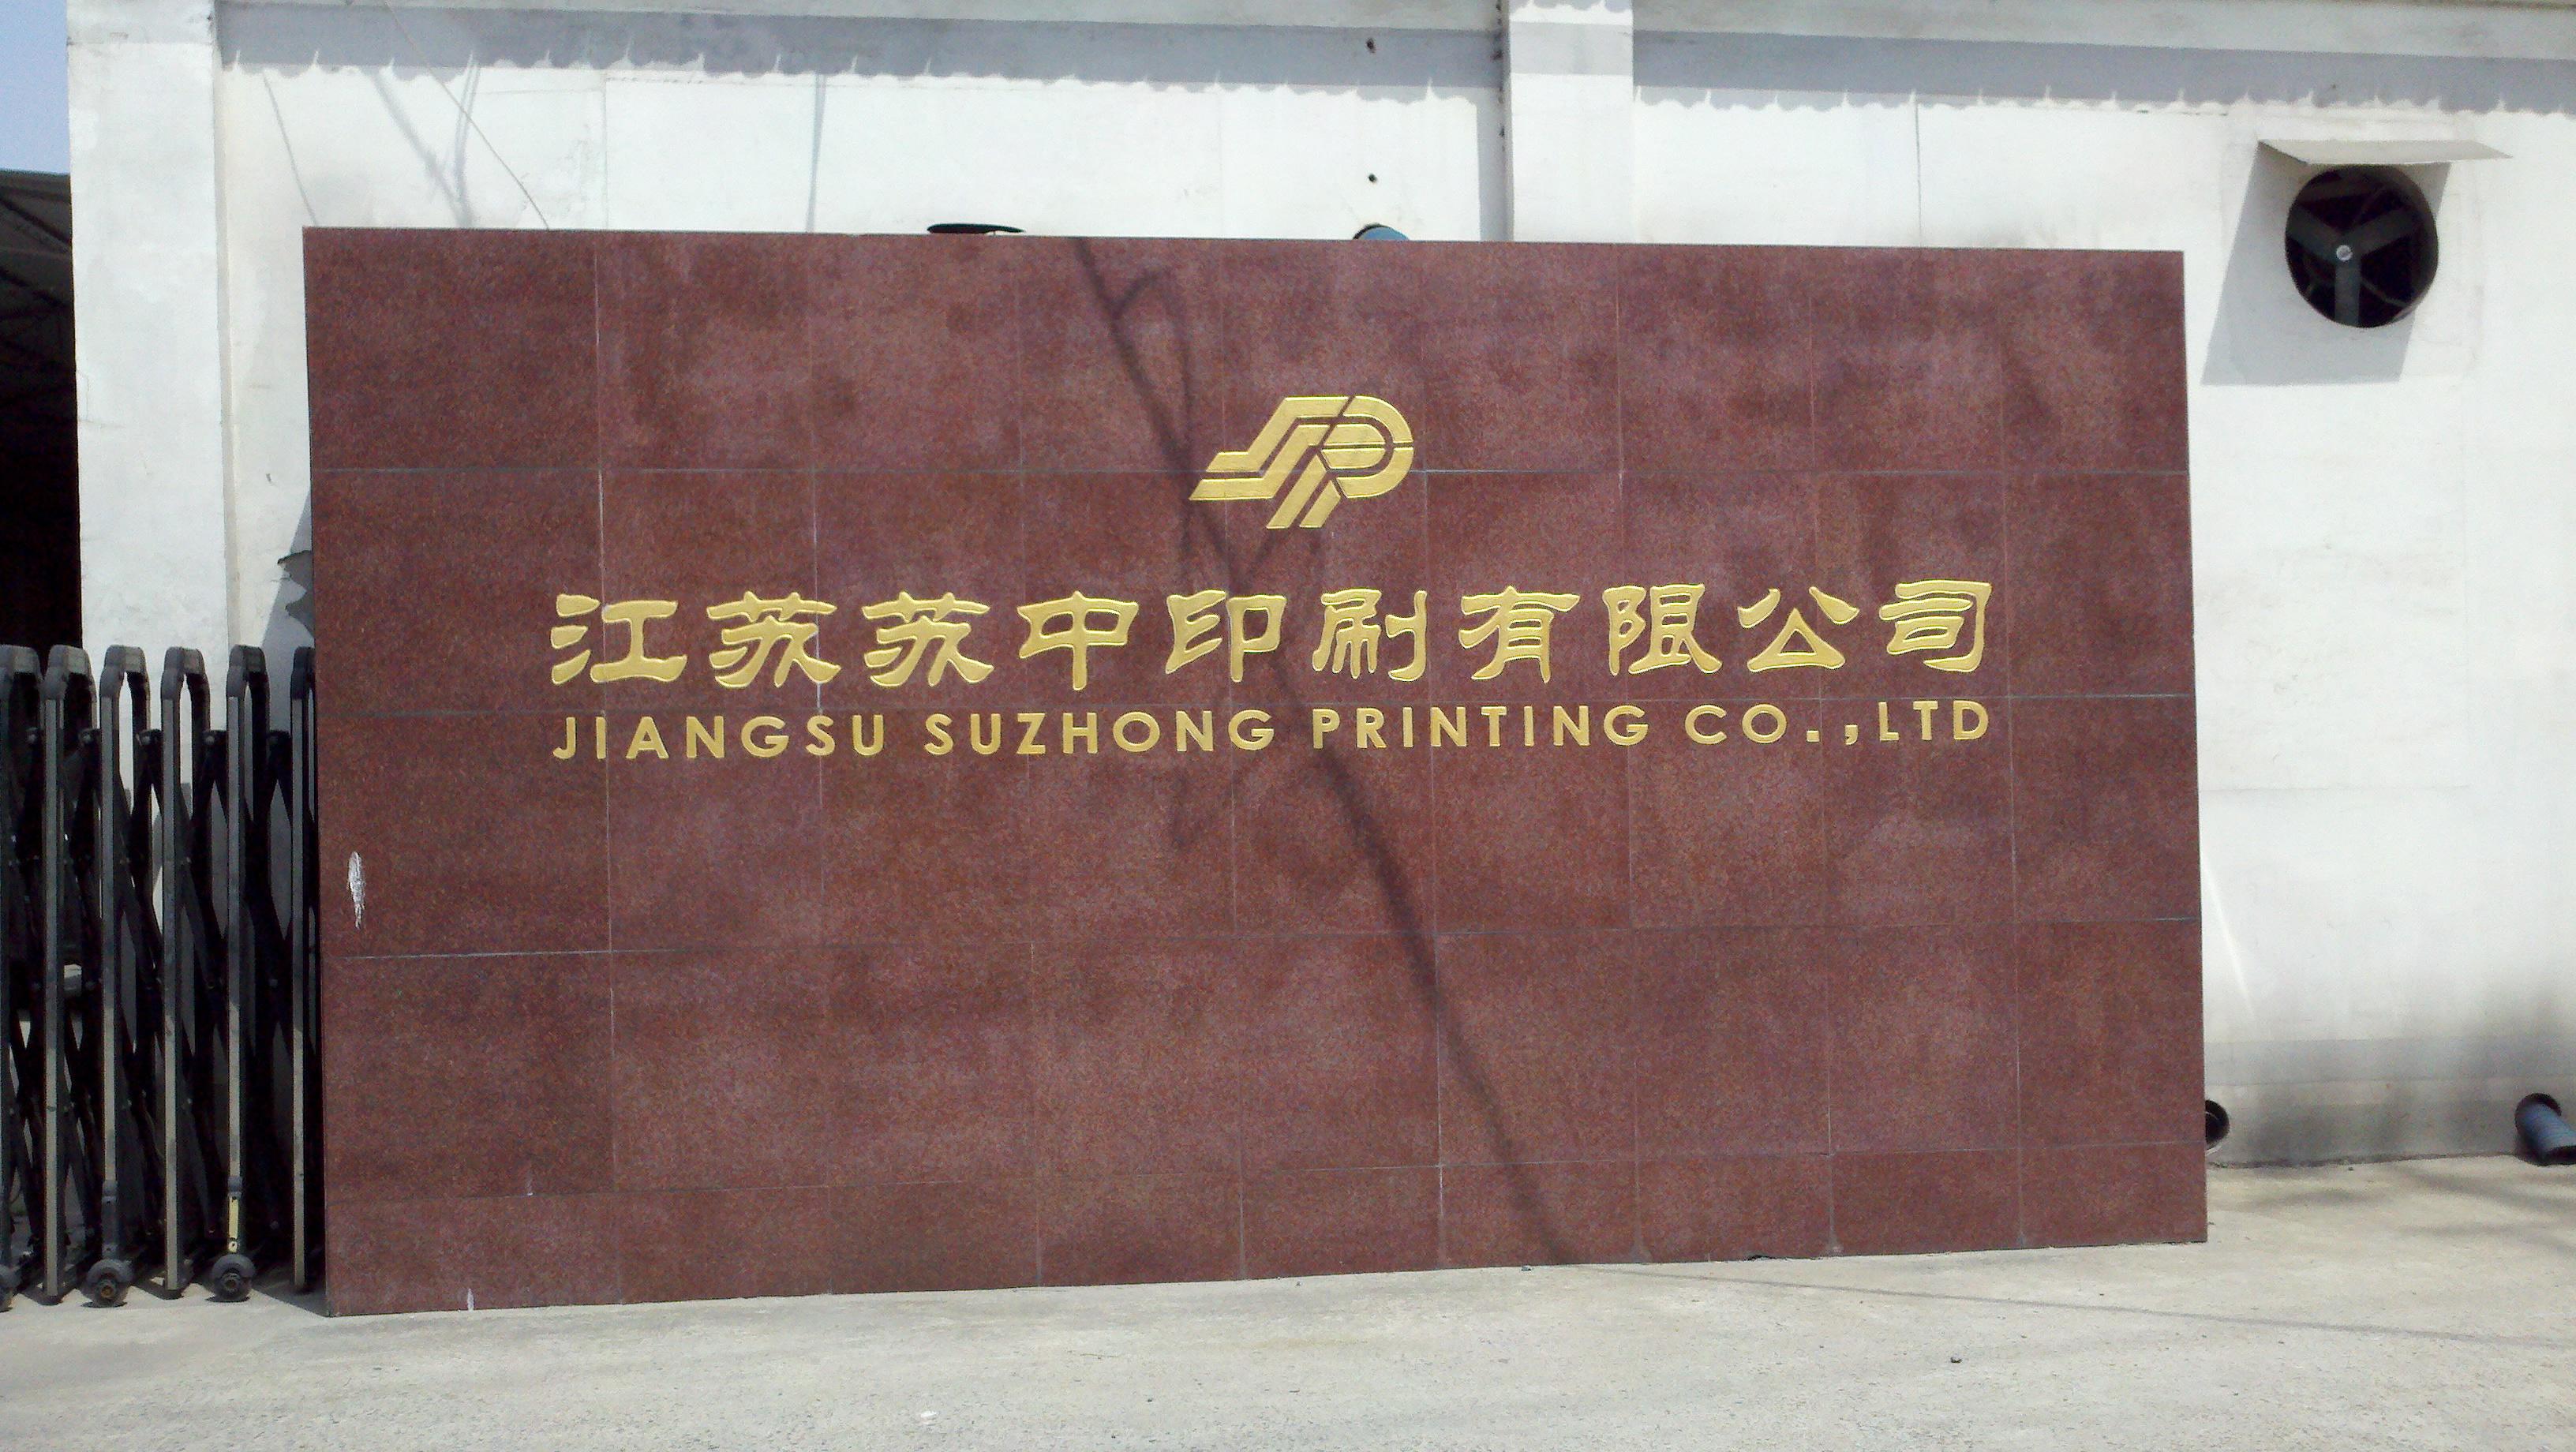 江蘇蘇中印刷有限公司